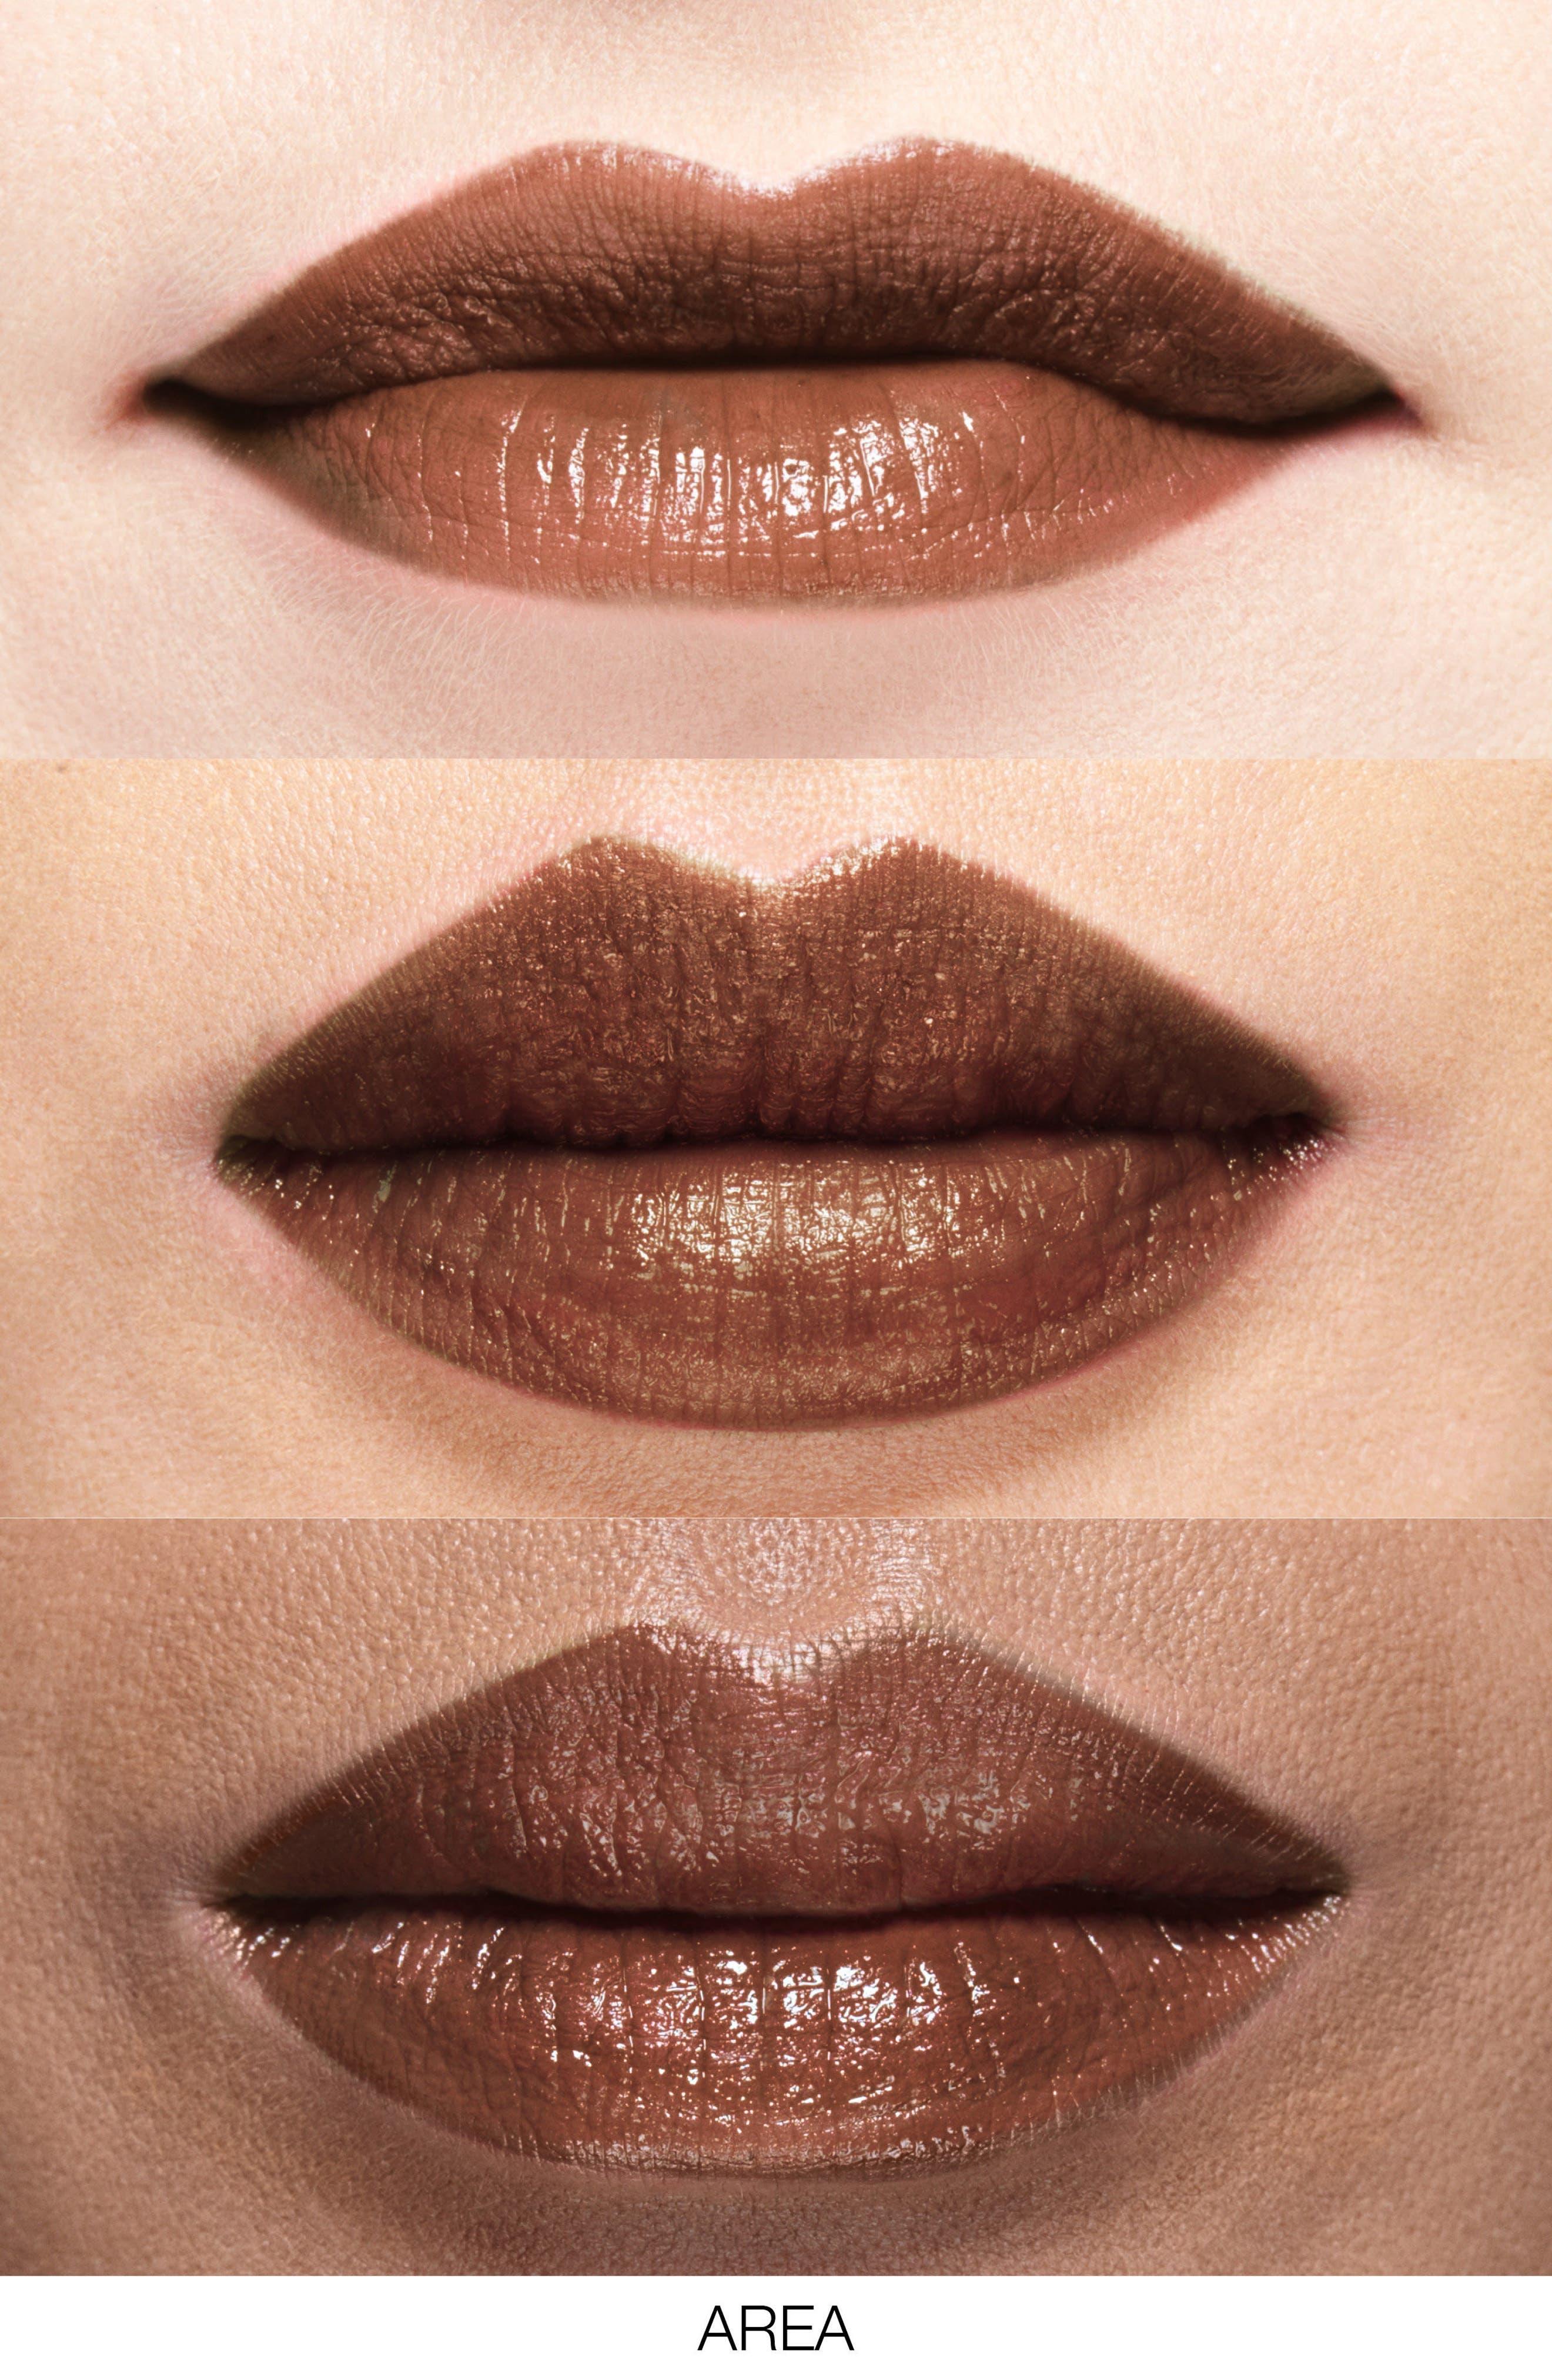 Velvet Lip Glide,                             Alternate thumbnail 4, color,                             AREA